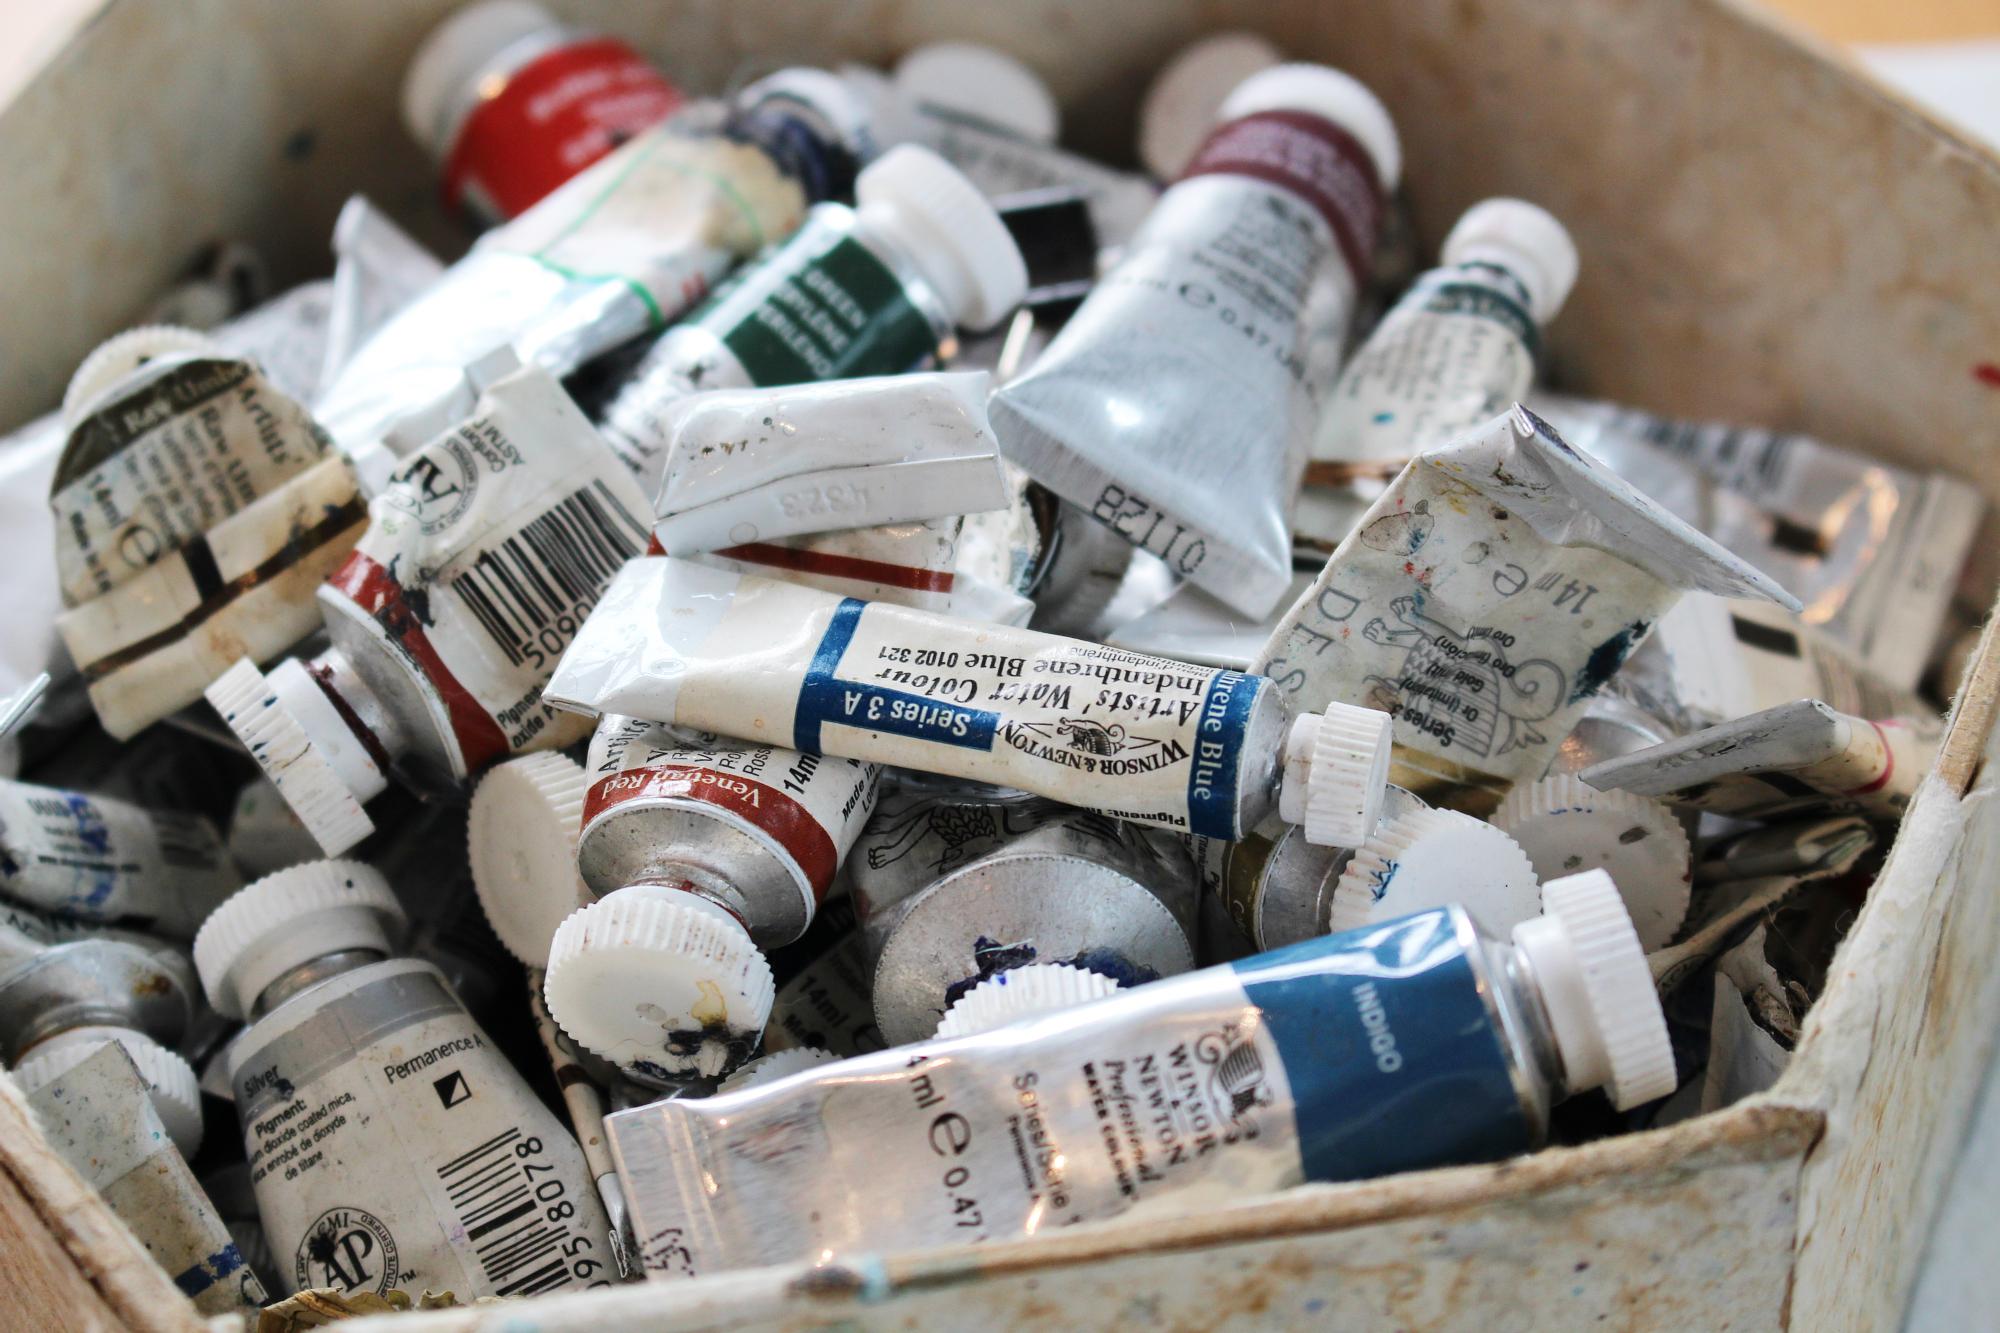 JM paint tubes 2 Dulverton Studio Number